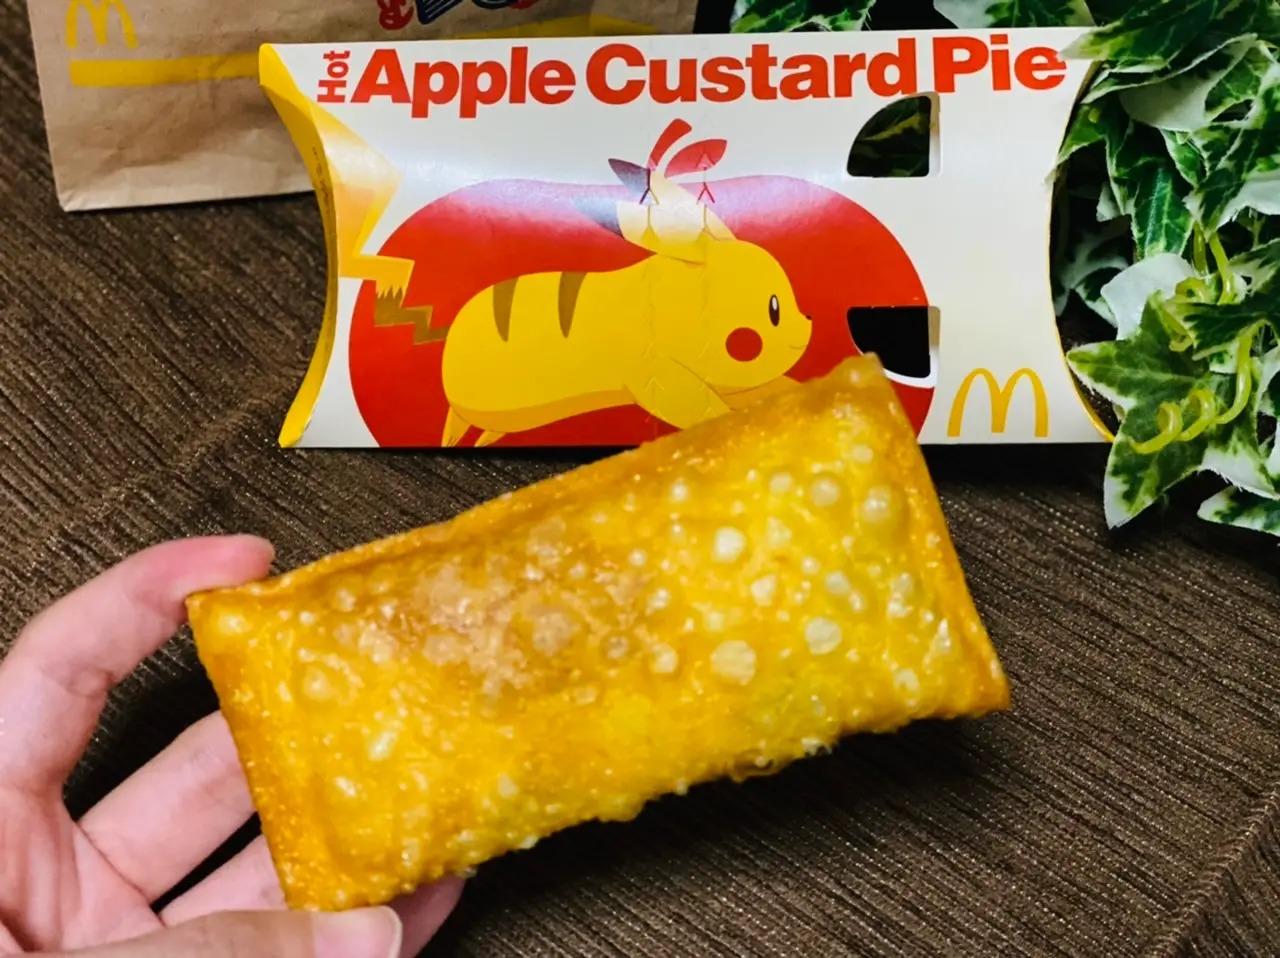 マクドナルドのホットアップルカスタードパイ